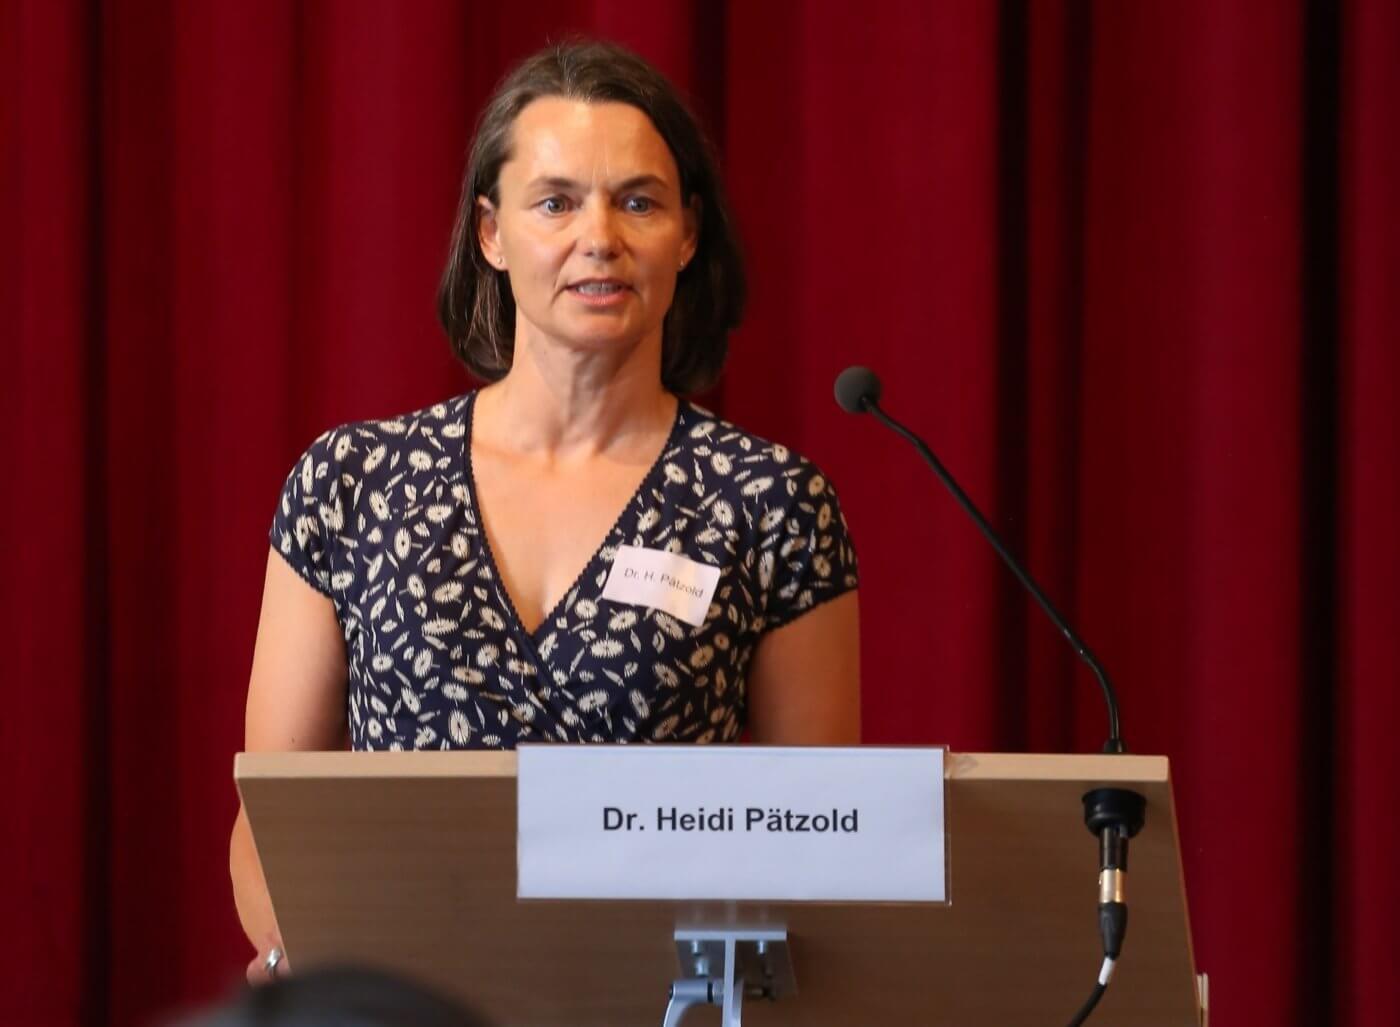 """Dr. Heidi Pätzold bei ihrem Impulsreferat zur Umsetzung der EbAV-II-Richtlinie auf der Tagung """"Betriebliche Altersvorsorge - Klimaschutz und Nachhaltigkeit verankern"""" am 29. Mai 2018 in Berlin, Foto: © Verbraucherzentrale Bremen / documentarydesign.com"""